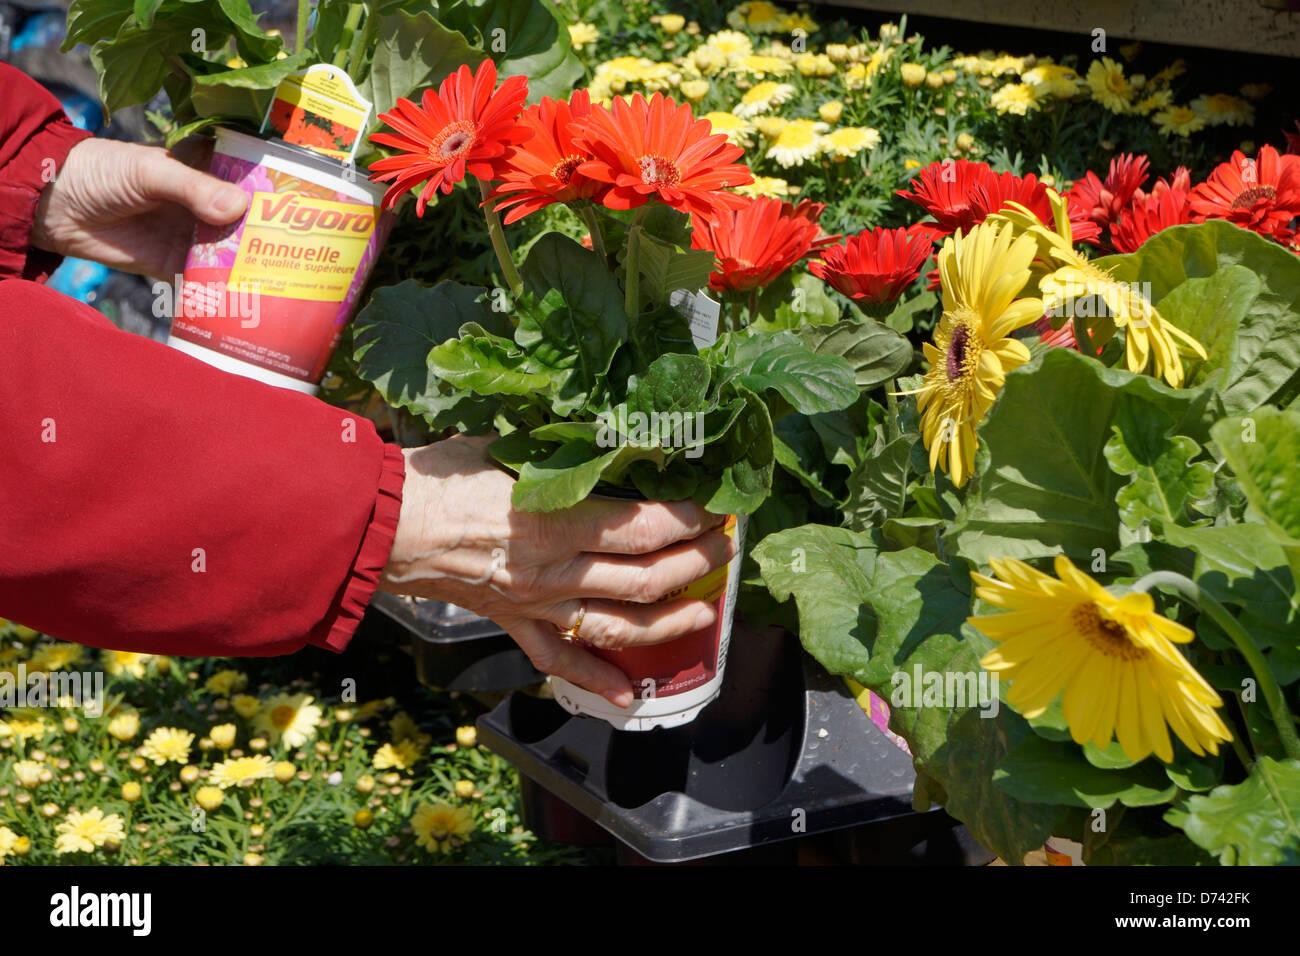 Gartencenter Blumen Topf Pflanzen Closeup, Gerbera